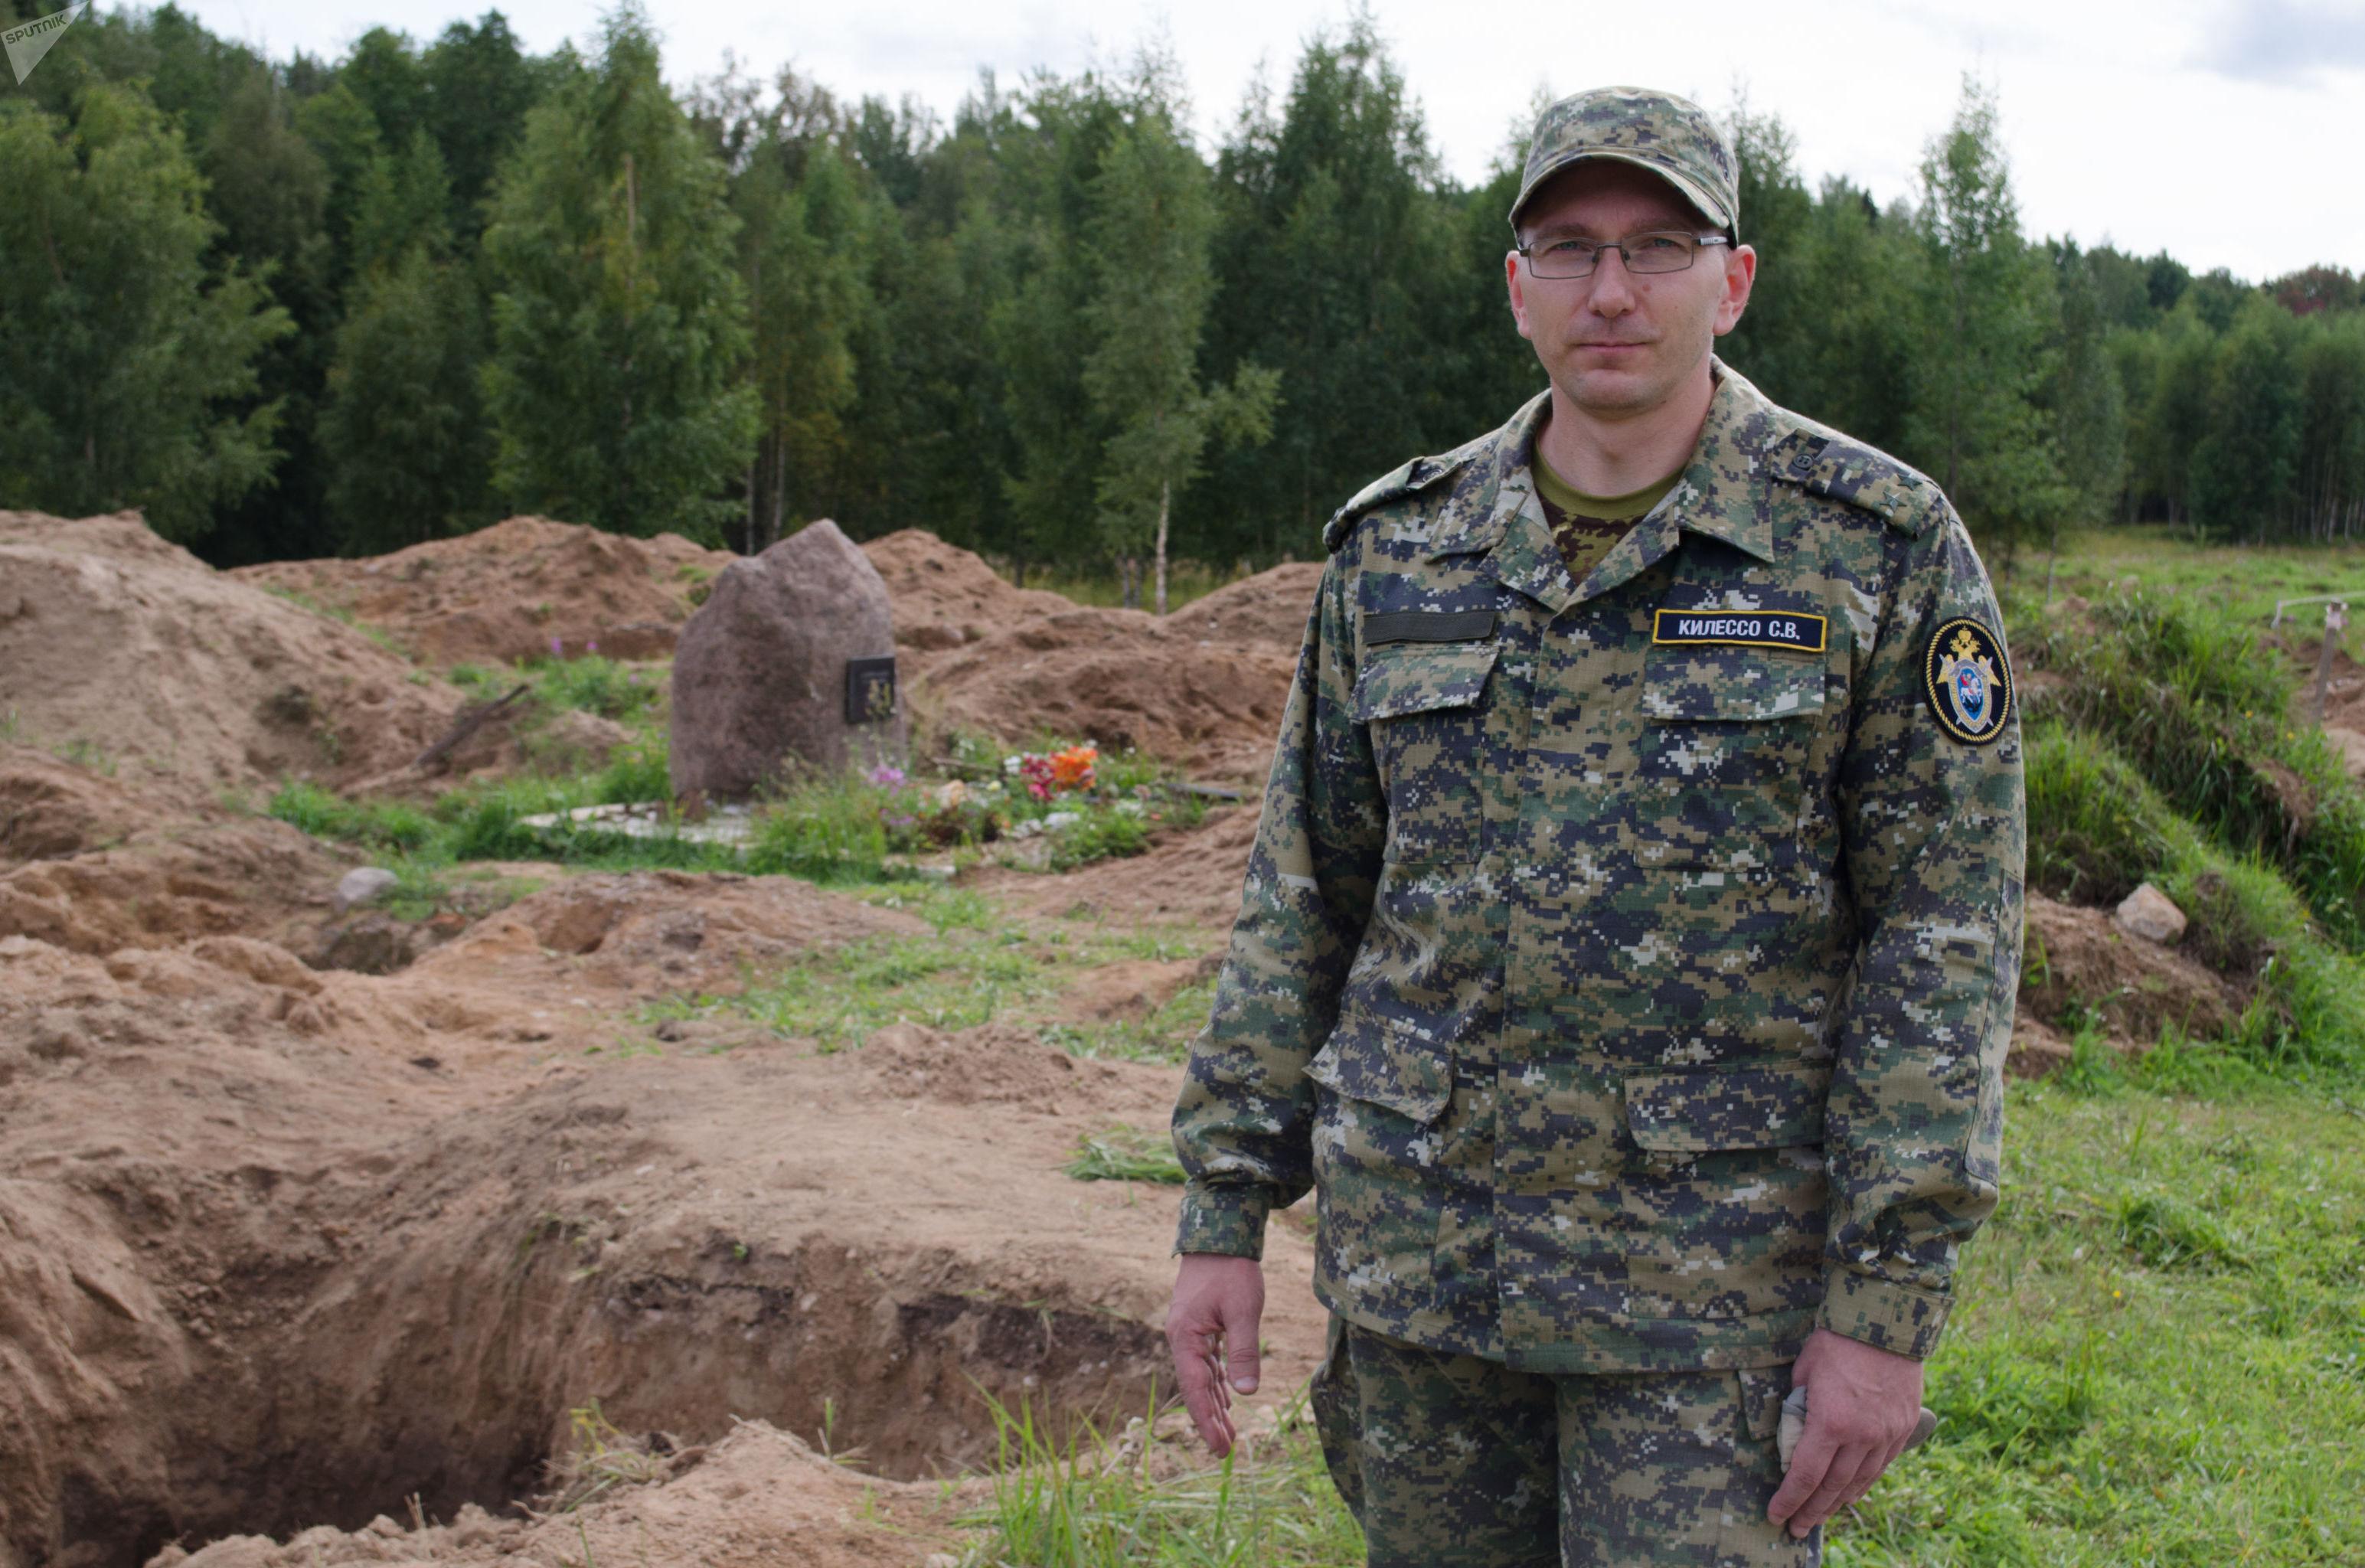 El juez instructor del Comité de Investigación ruso, Serguéi Kilesso